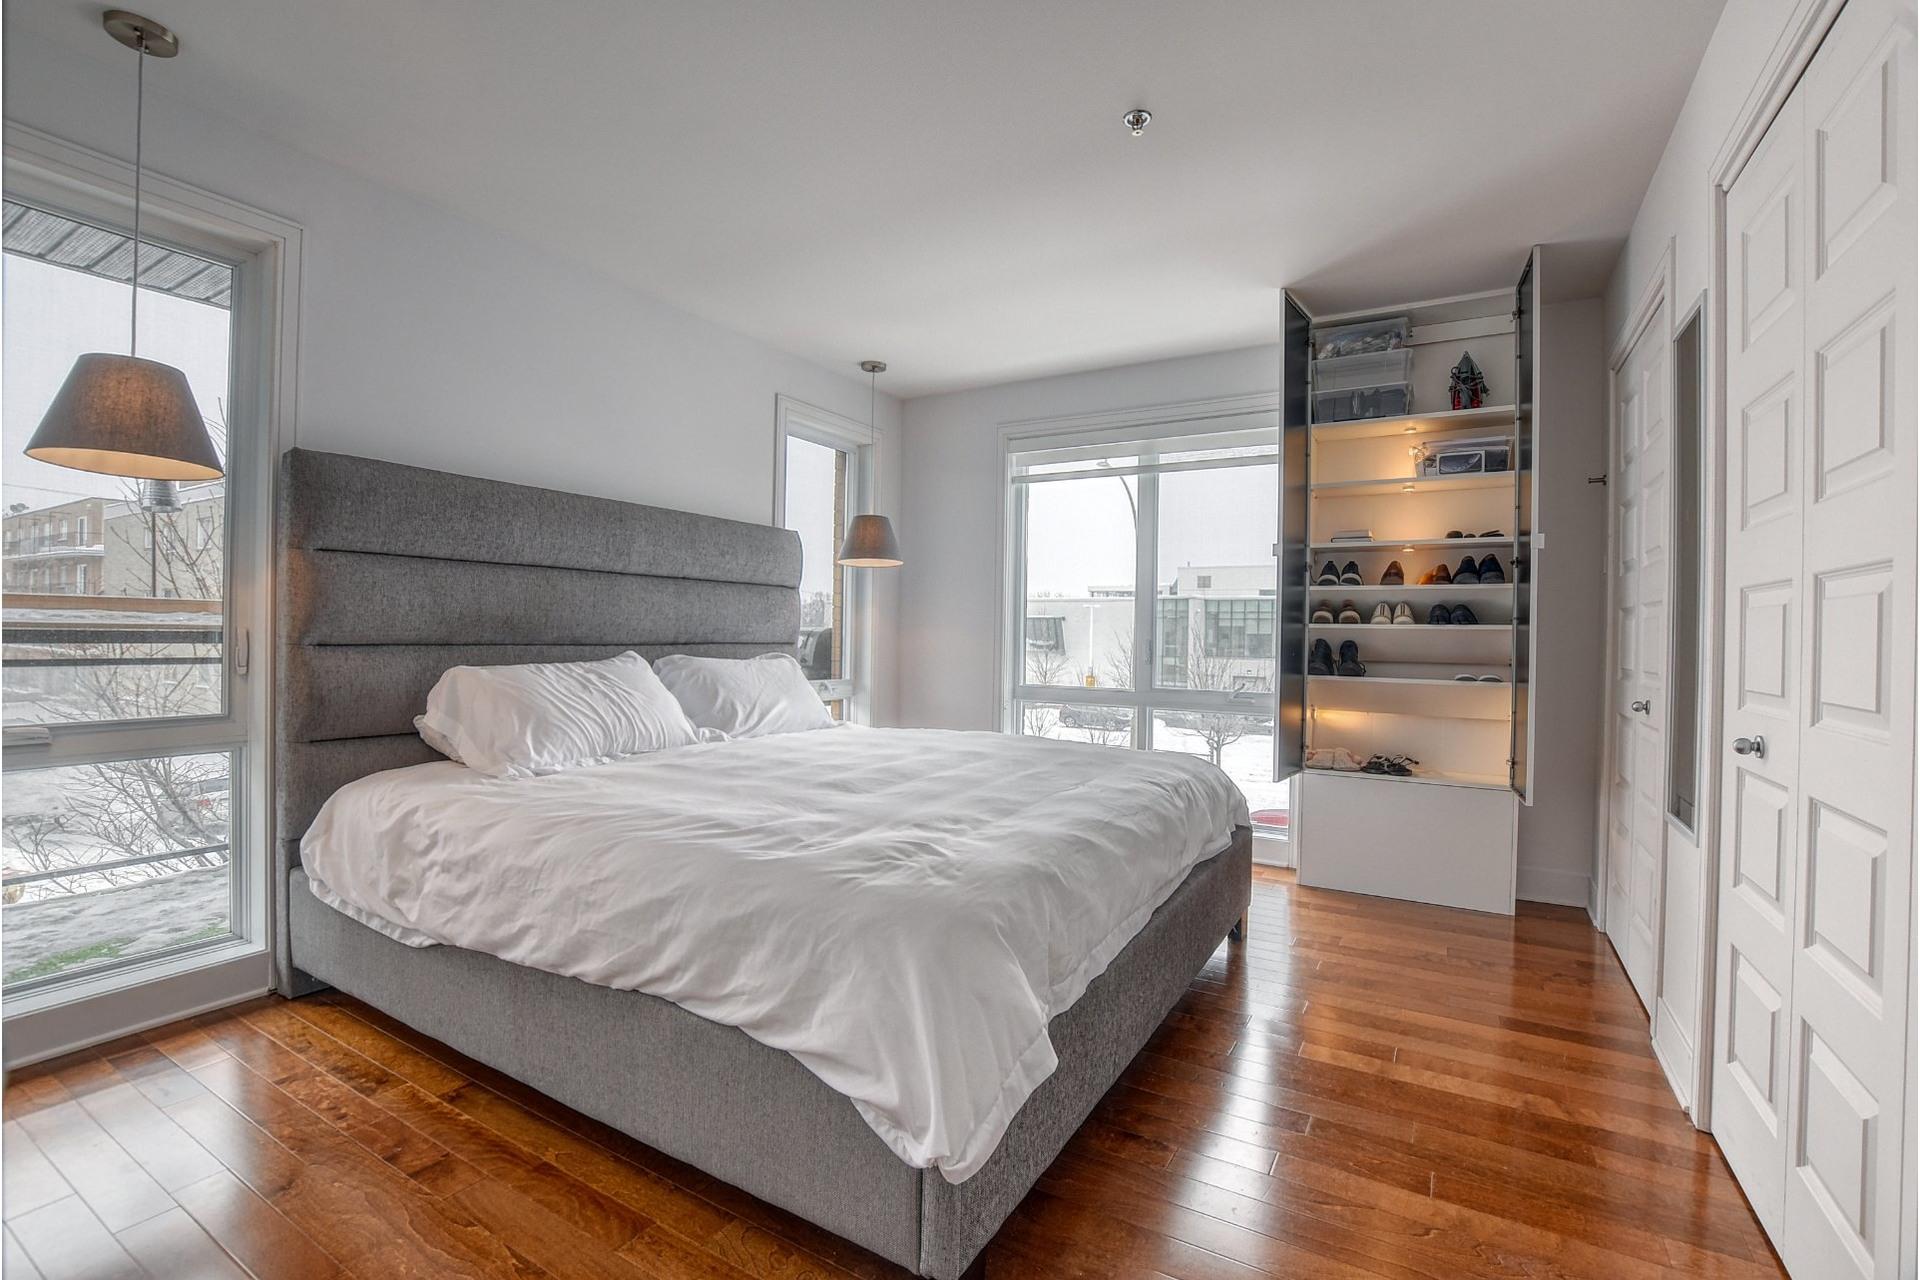 image 9 - Apartment For sale Ahuntsic-Cartierville Montréal  - 4 rooms